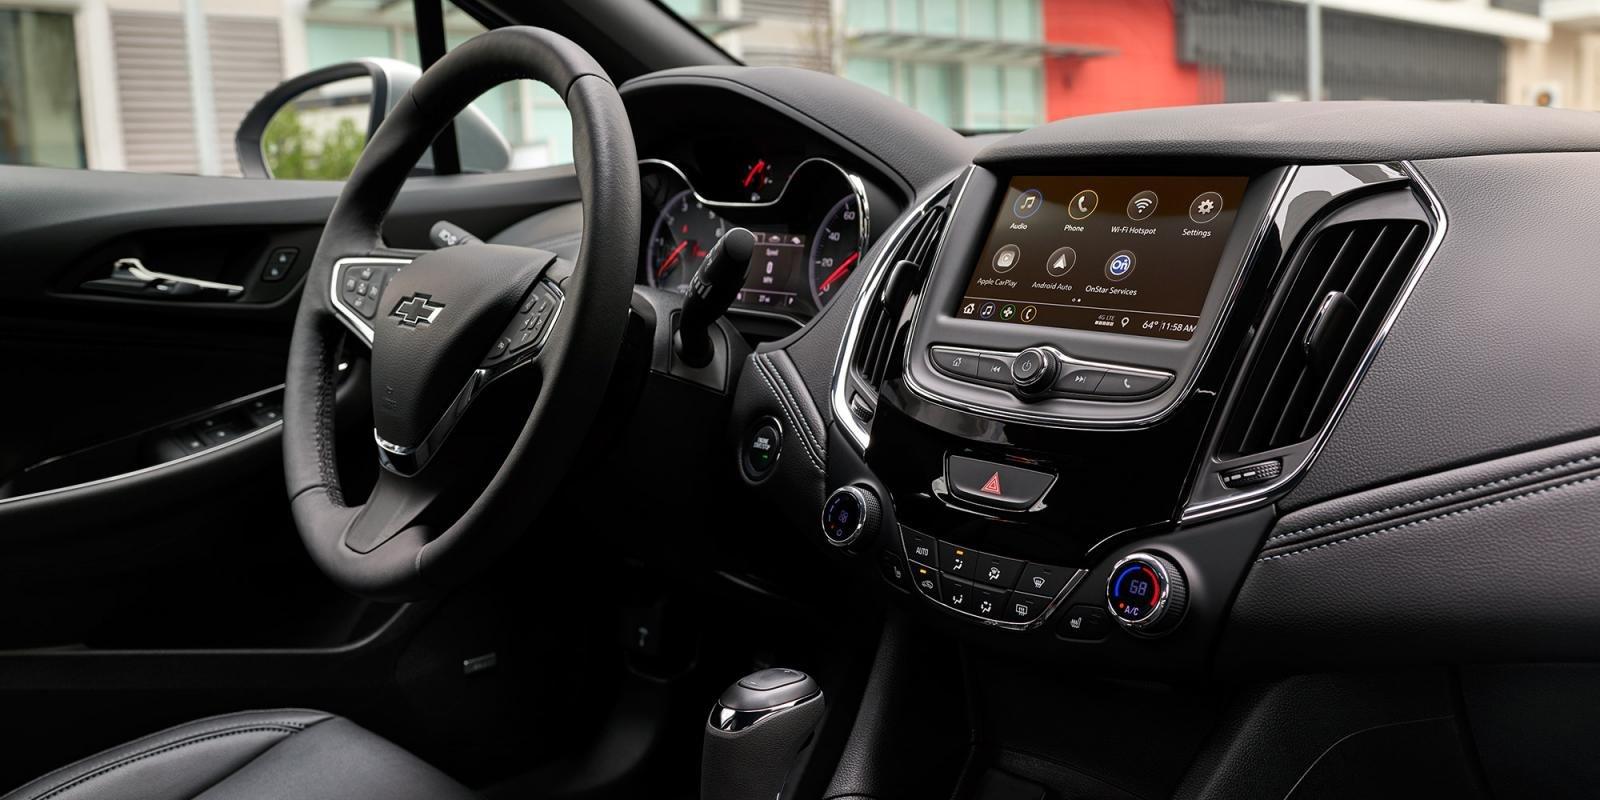 Chevrolet Cruze thế hệ mới âm thầm xuất hiện tại Việt Nam kèm giá bán a9